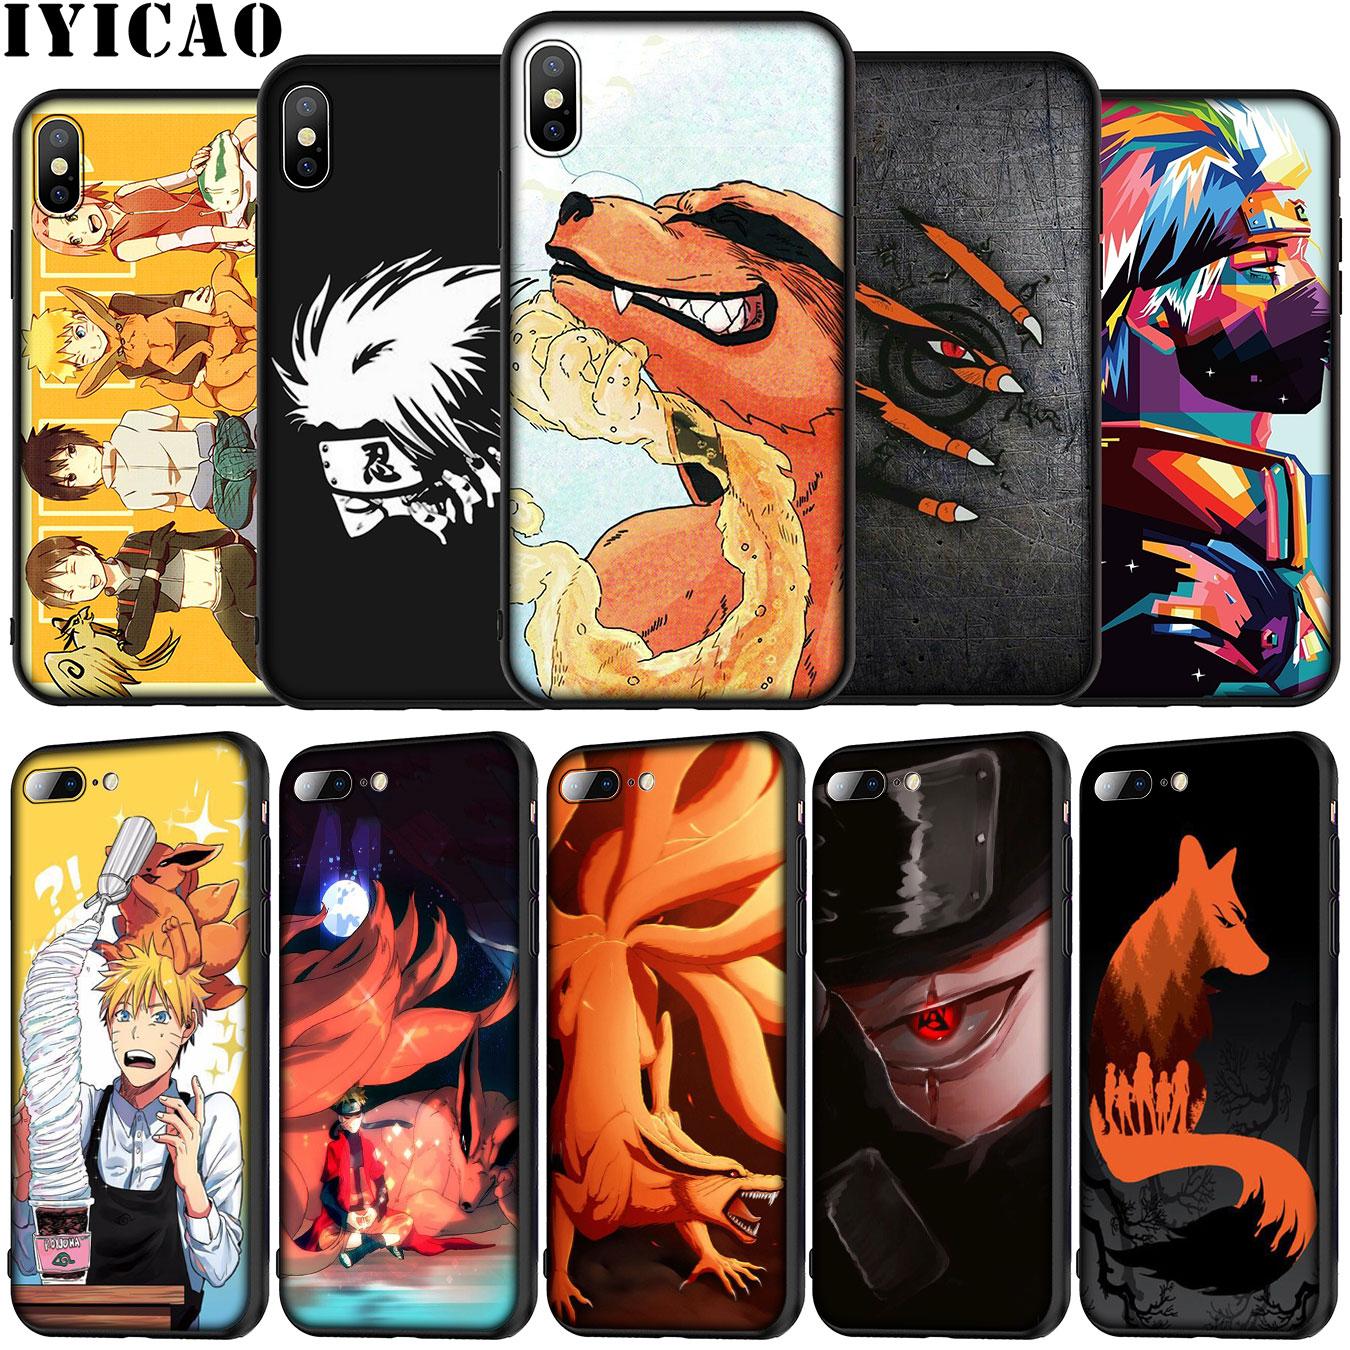 IYICAO as presas de nove caudas fox vermelho olhos naruto Silicone Suave Phone Case para iPhone 5 XR X XS Max 7 5S SE 6 6S 8 Além Disso TPU Capa